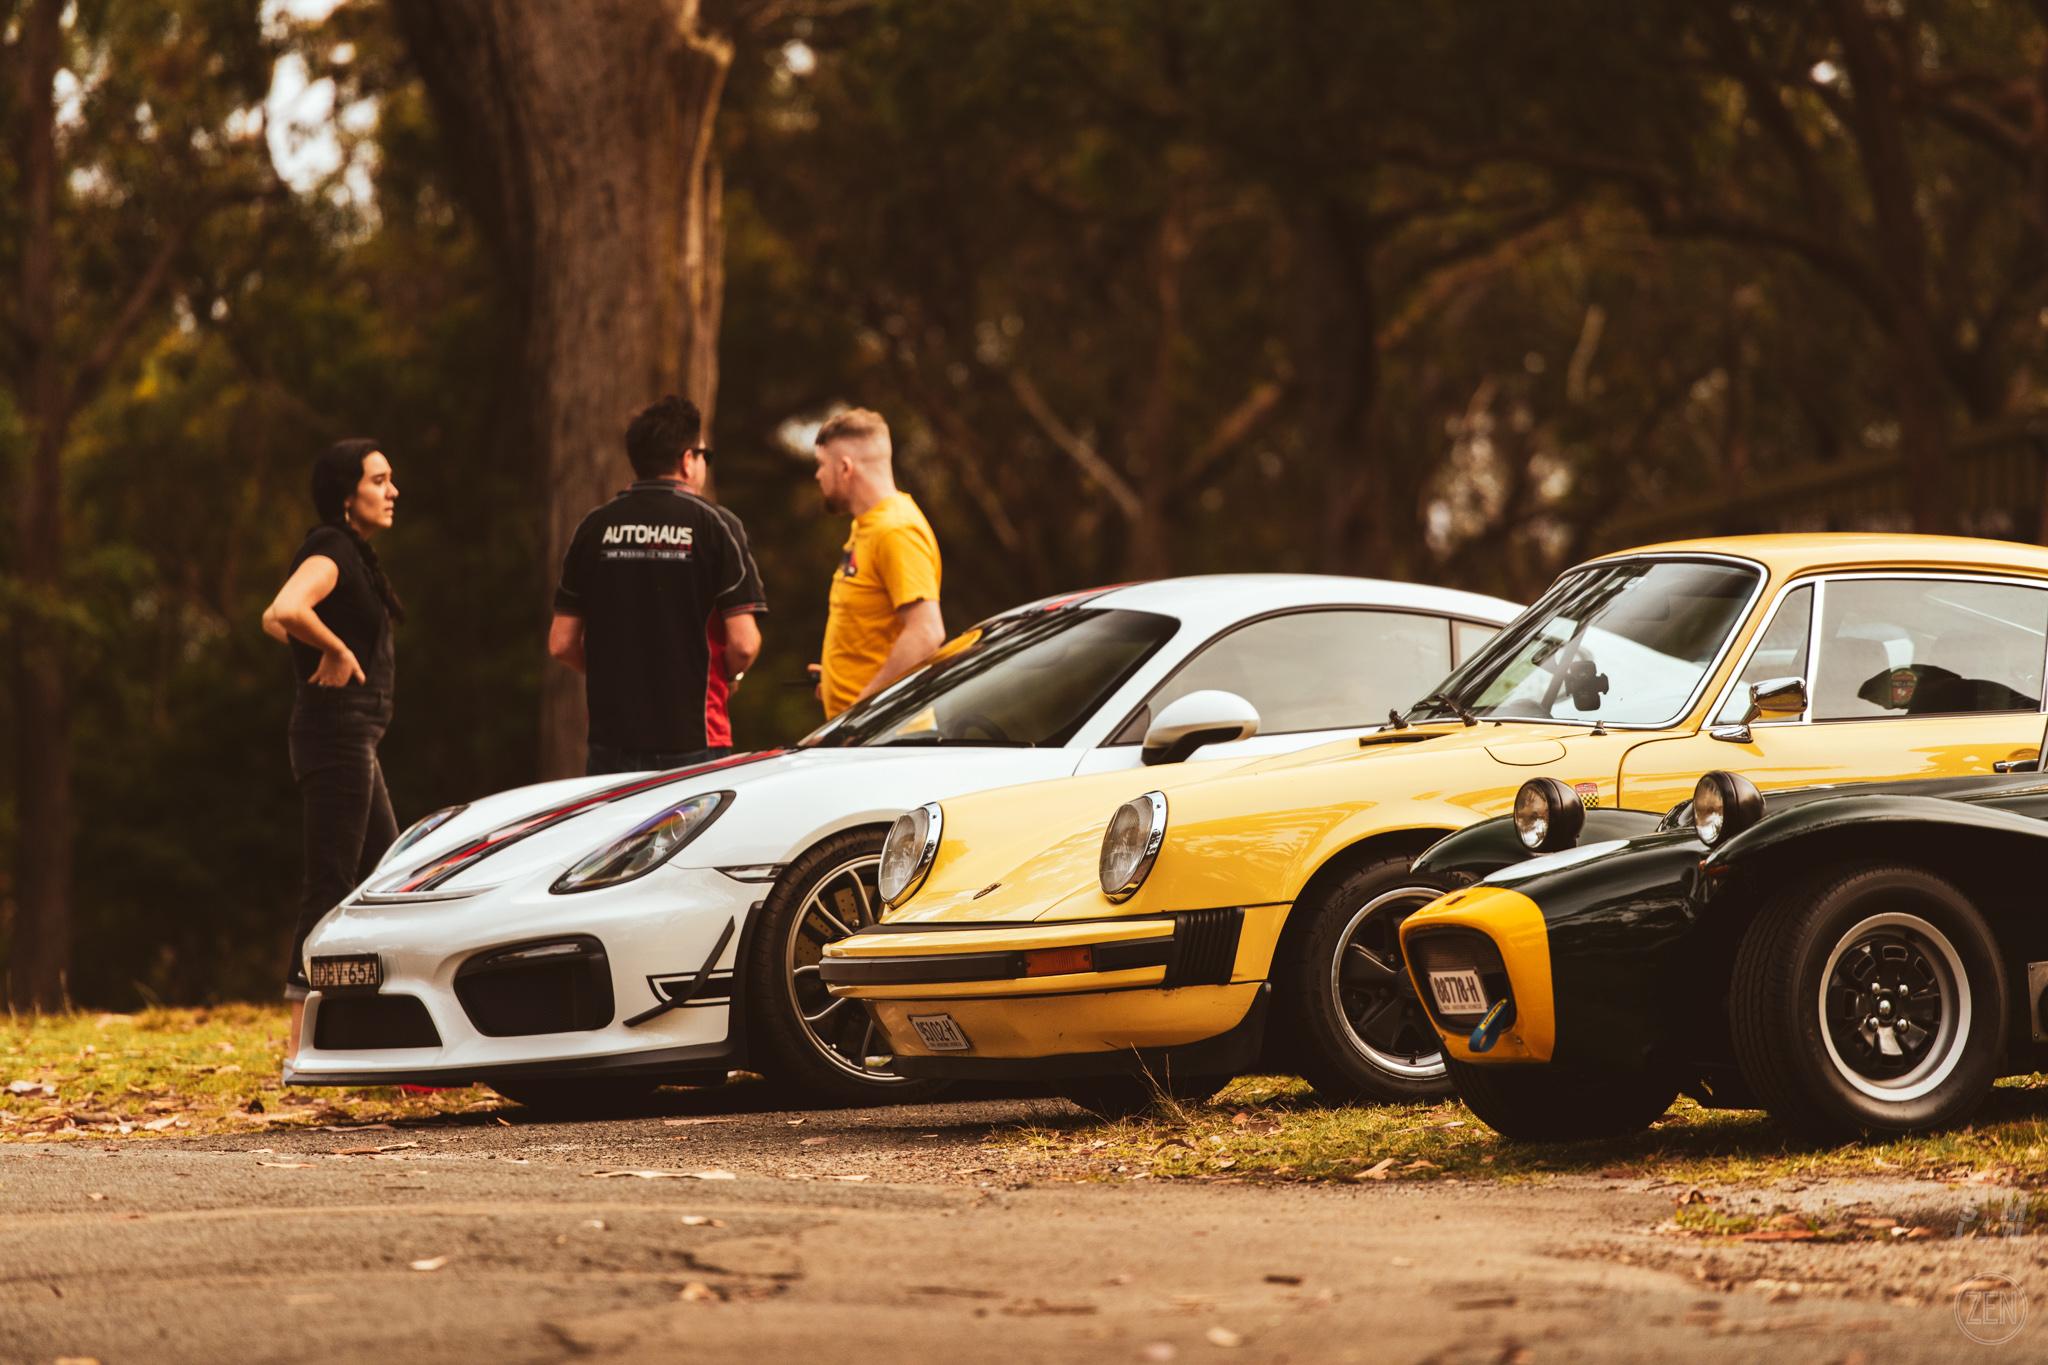 2019-12-08 - Porsches & Coffee 002